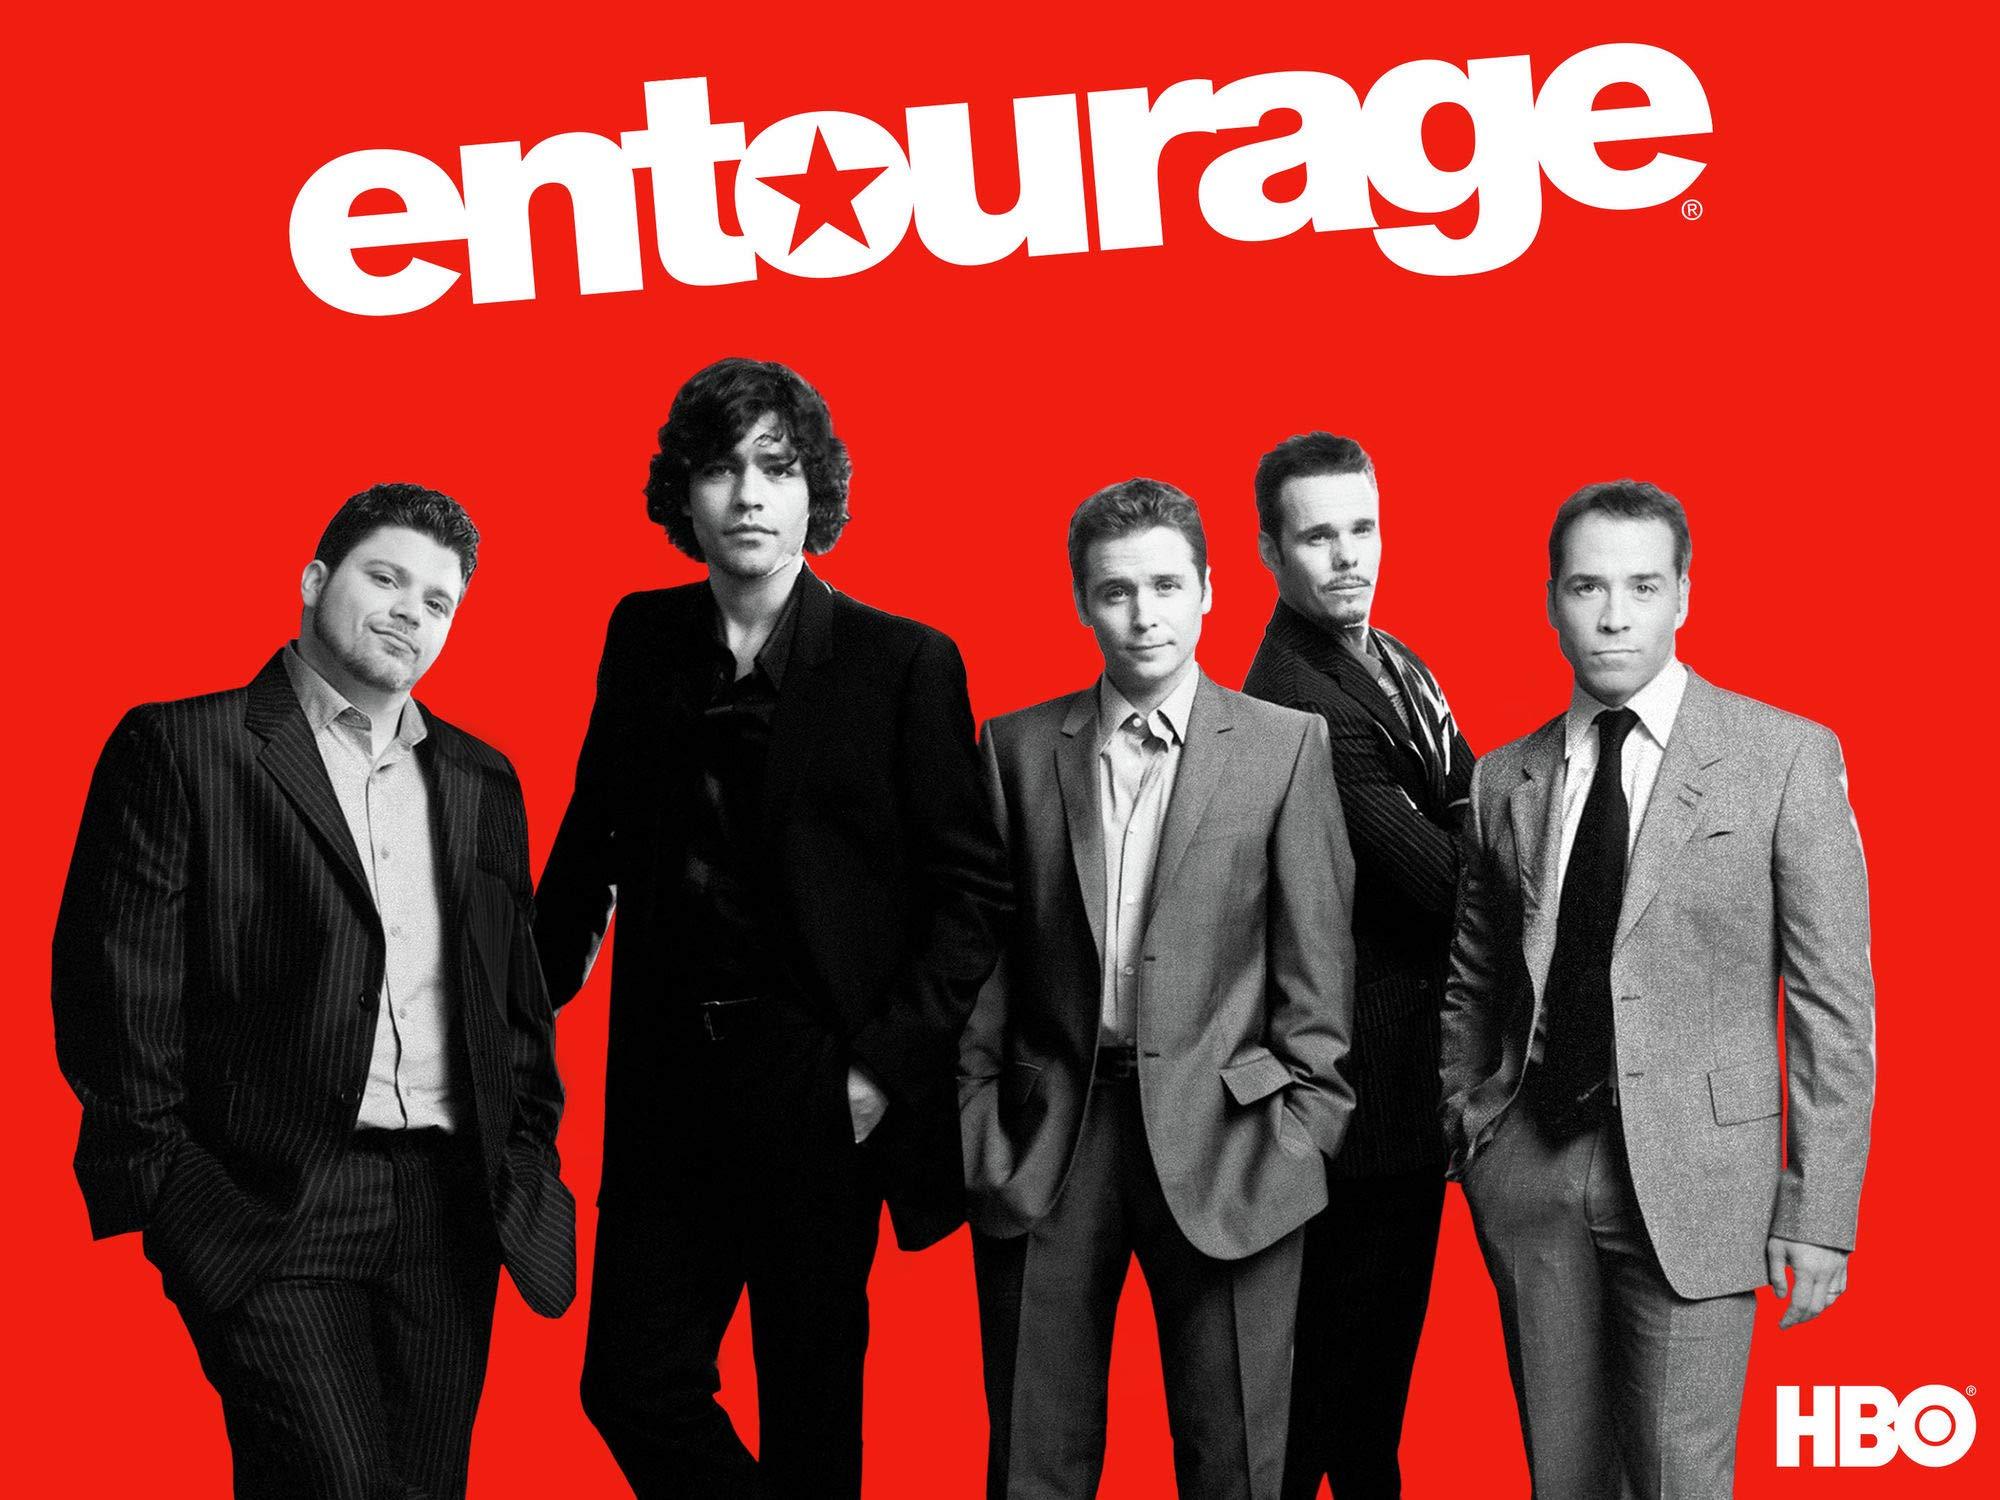 entourage season 1 episode 1 online free